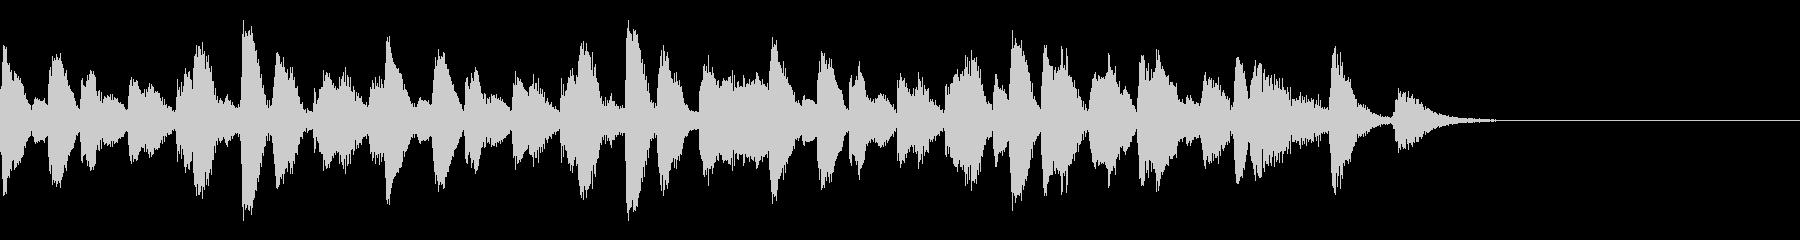 ラグタイムピアノ12sサウンドの未再生の波形